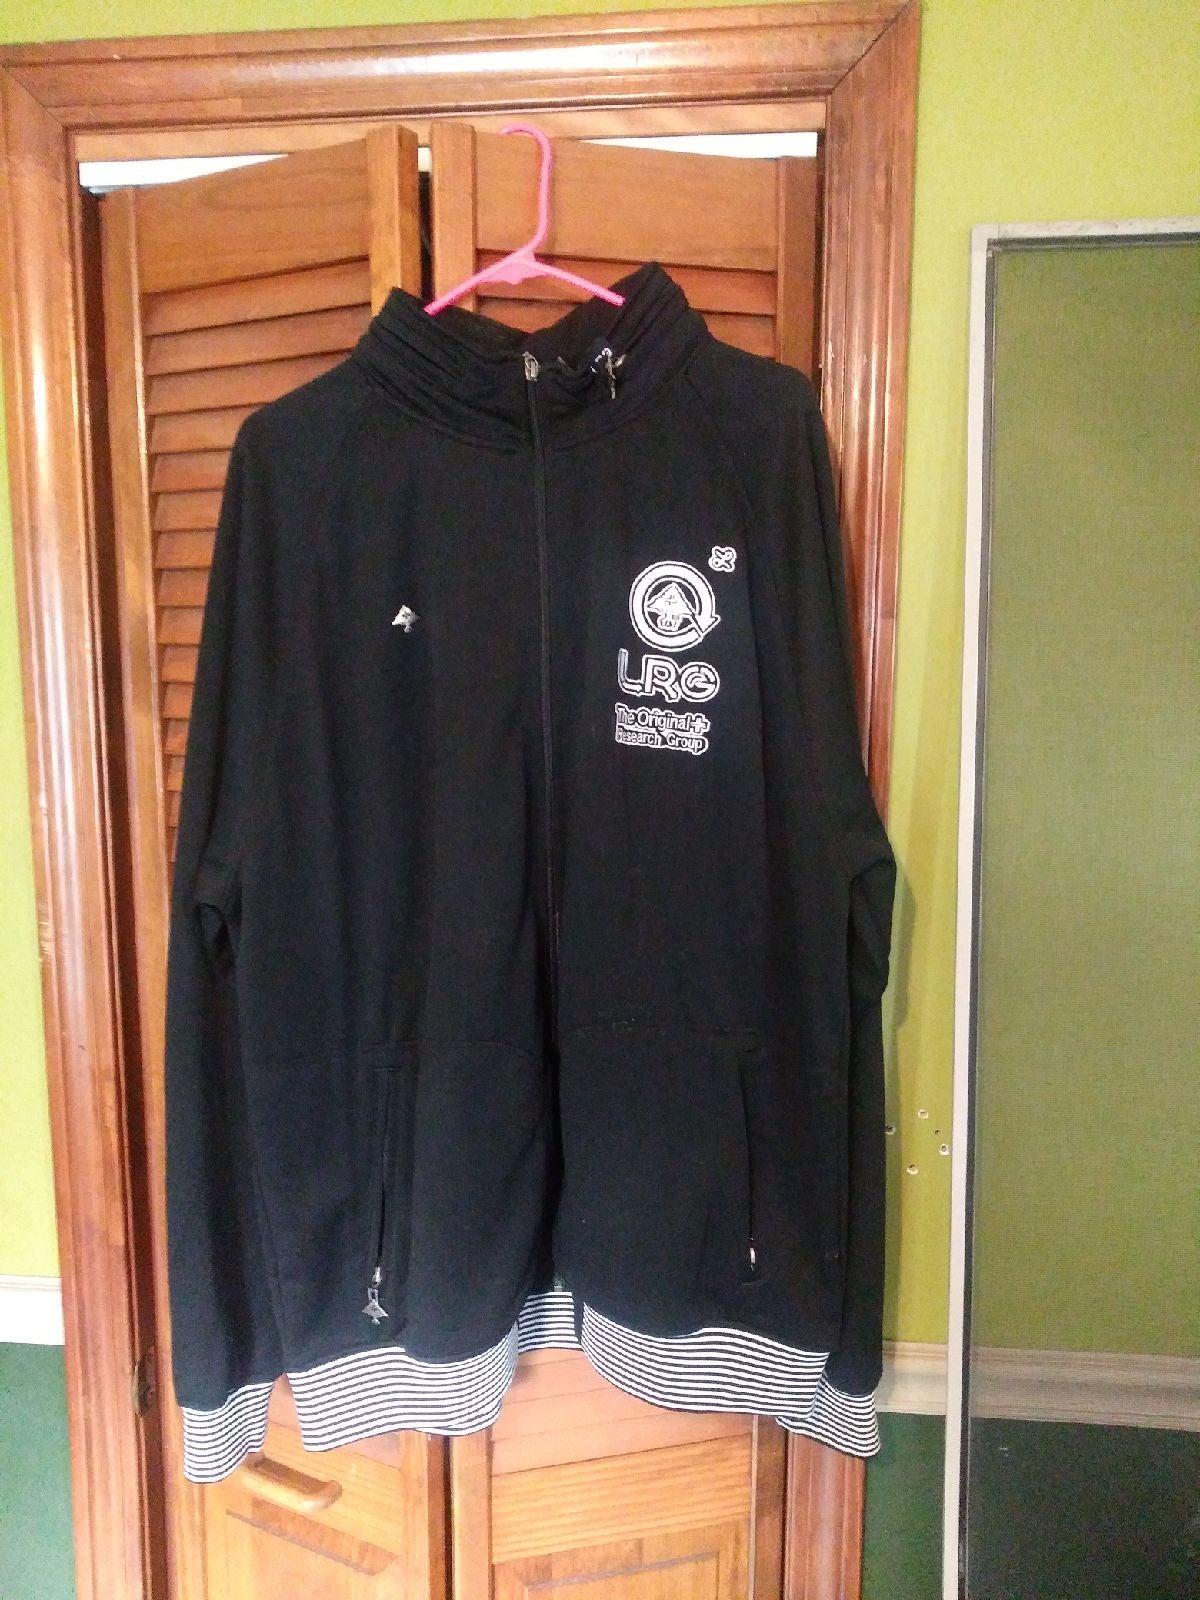 LRG zip up jacket